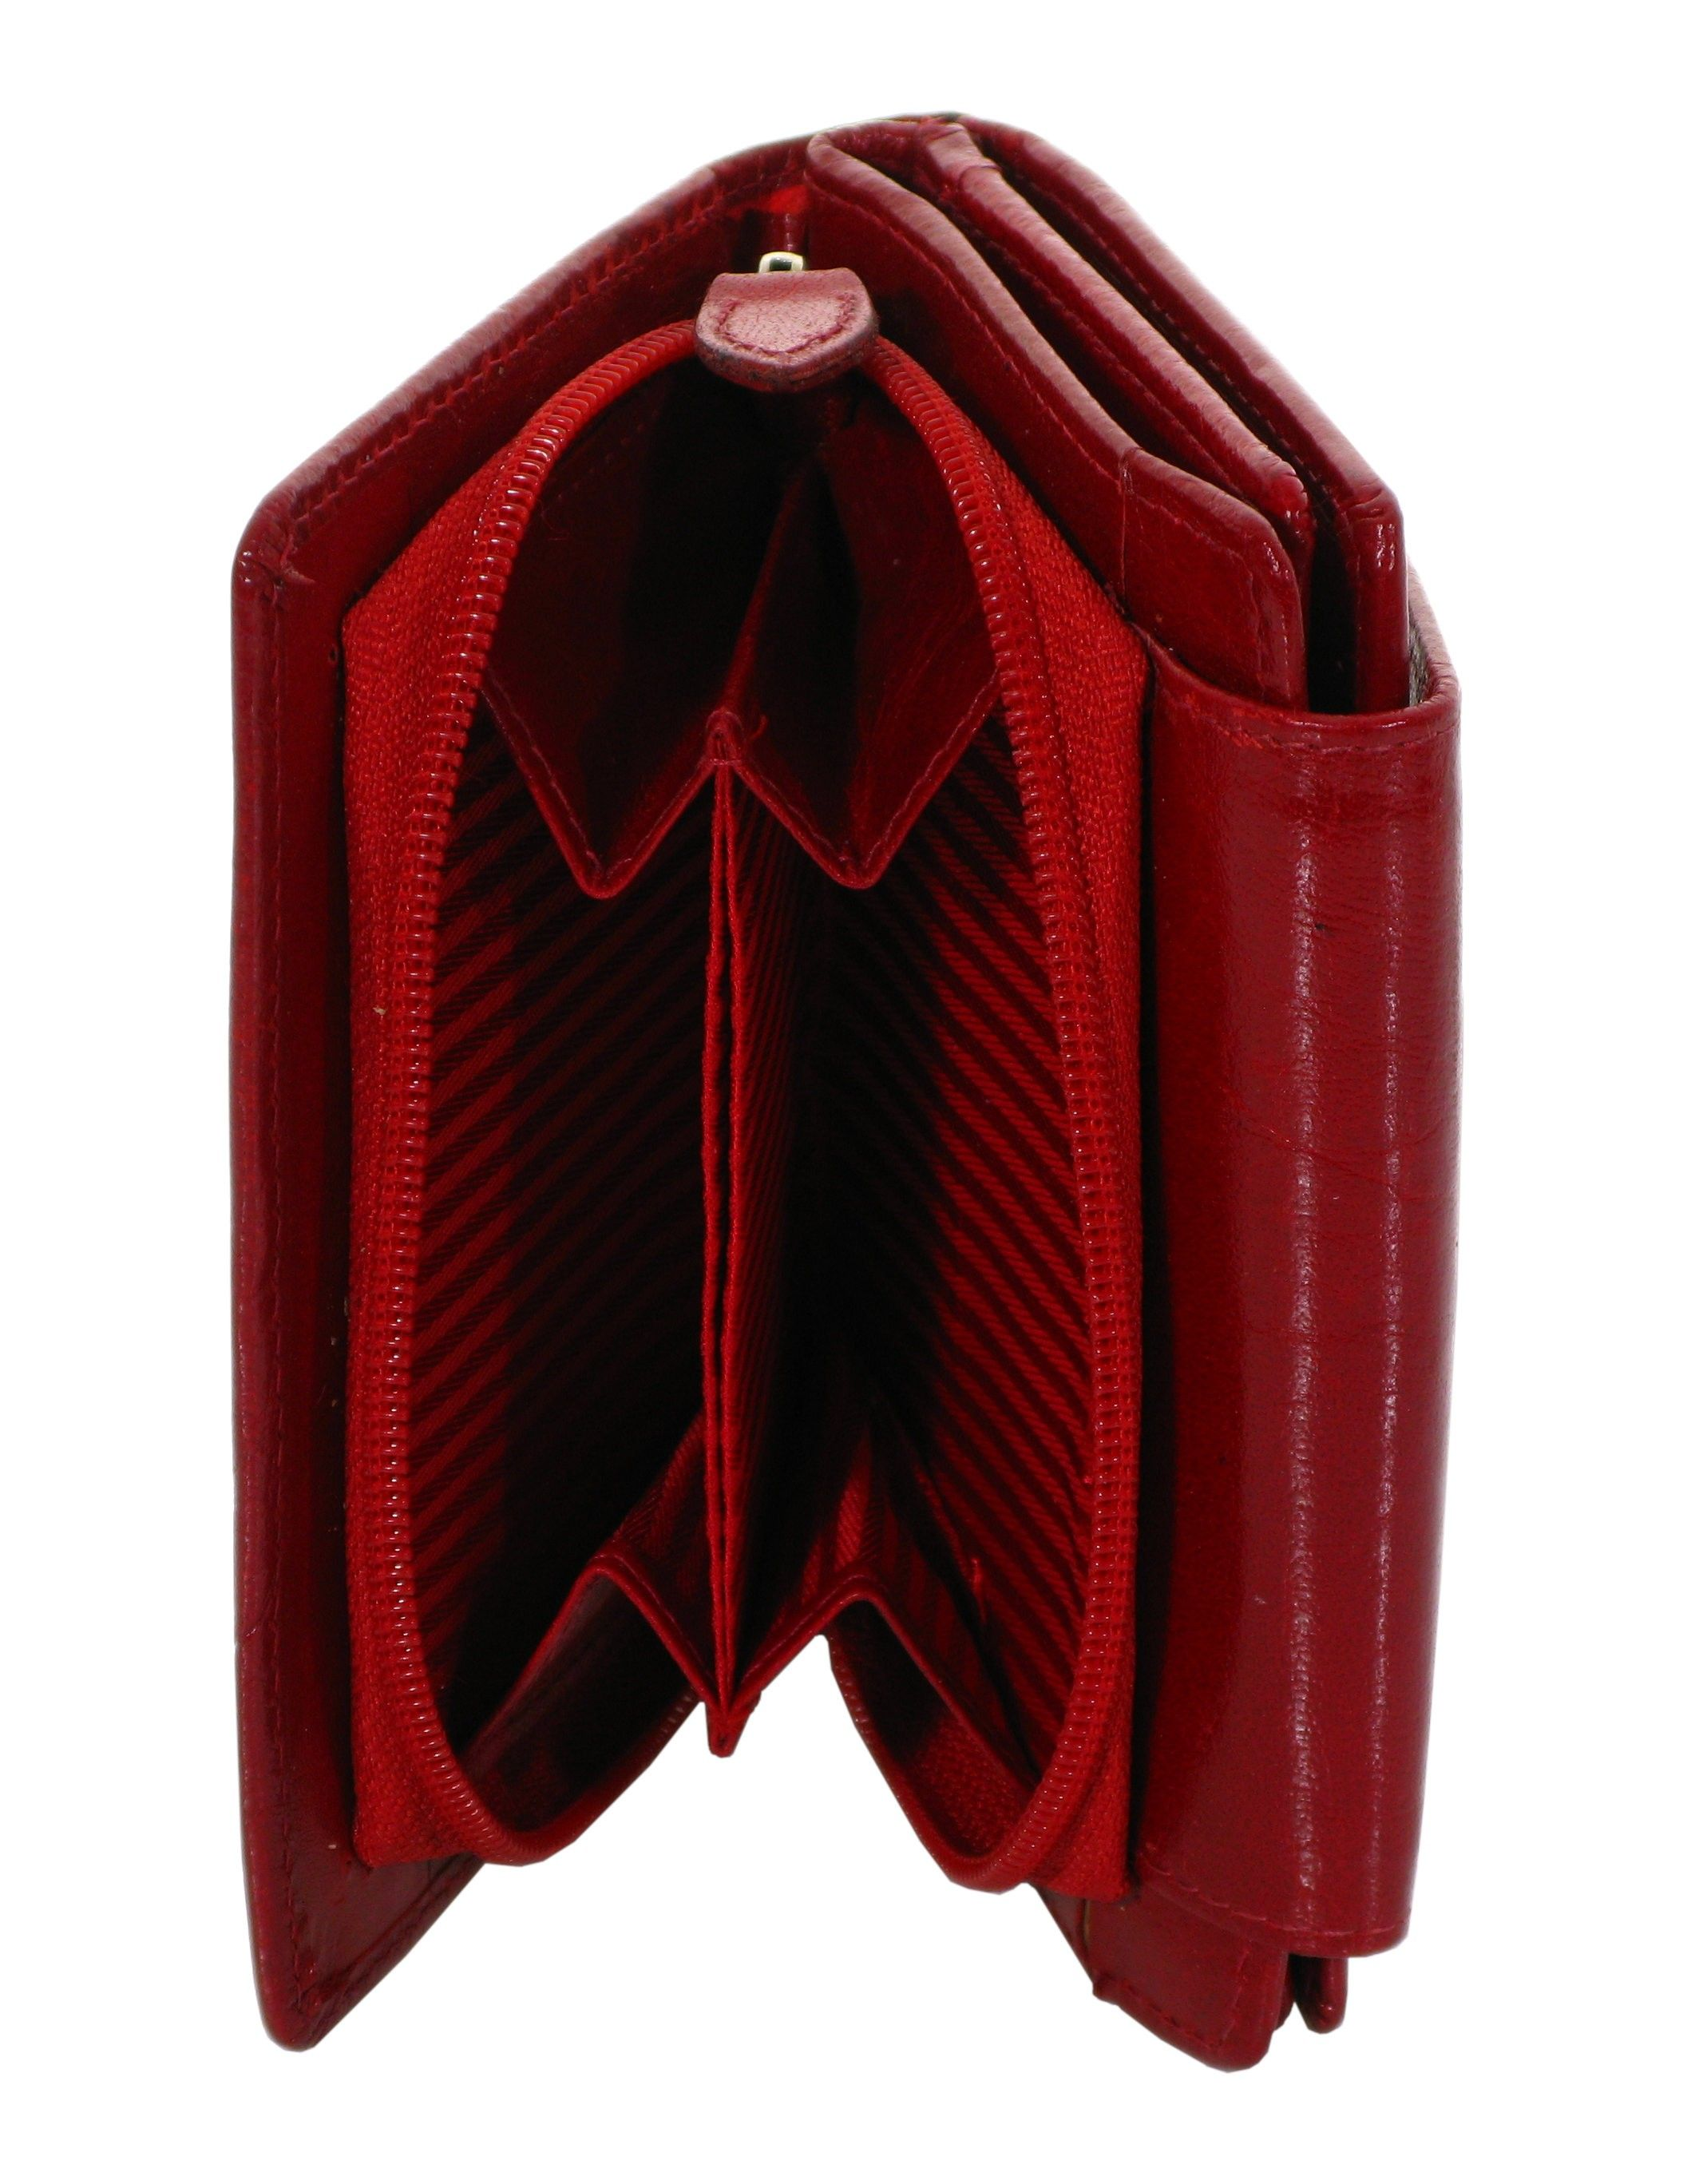 707c6373ba5fa Mały portfel damski ze skóry LORENTI 30-35 czerwony